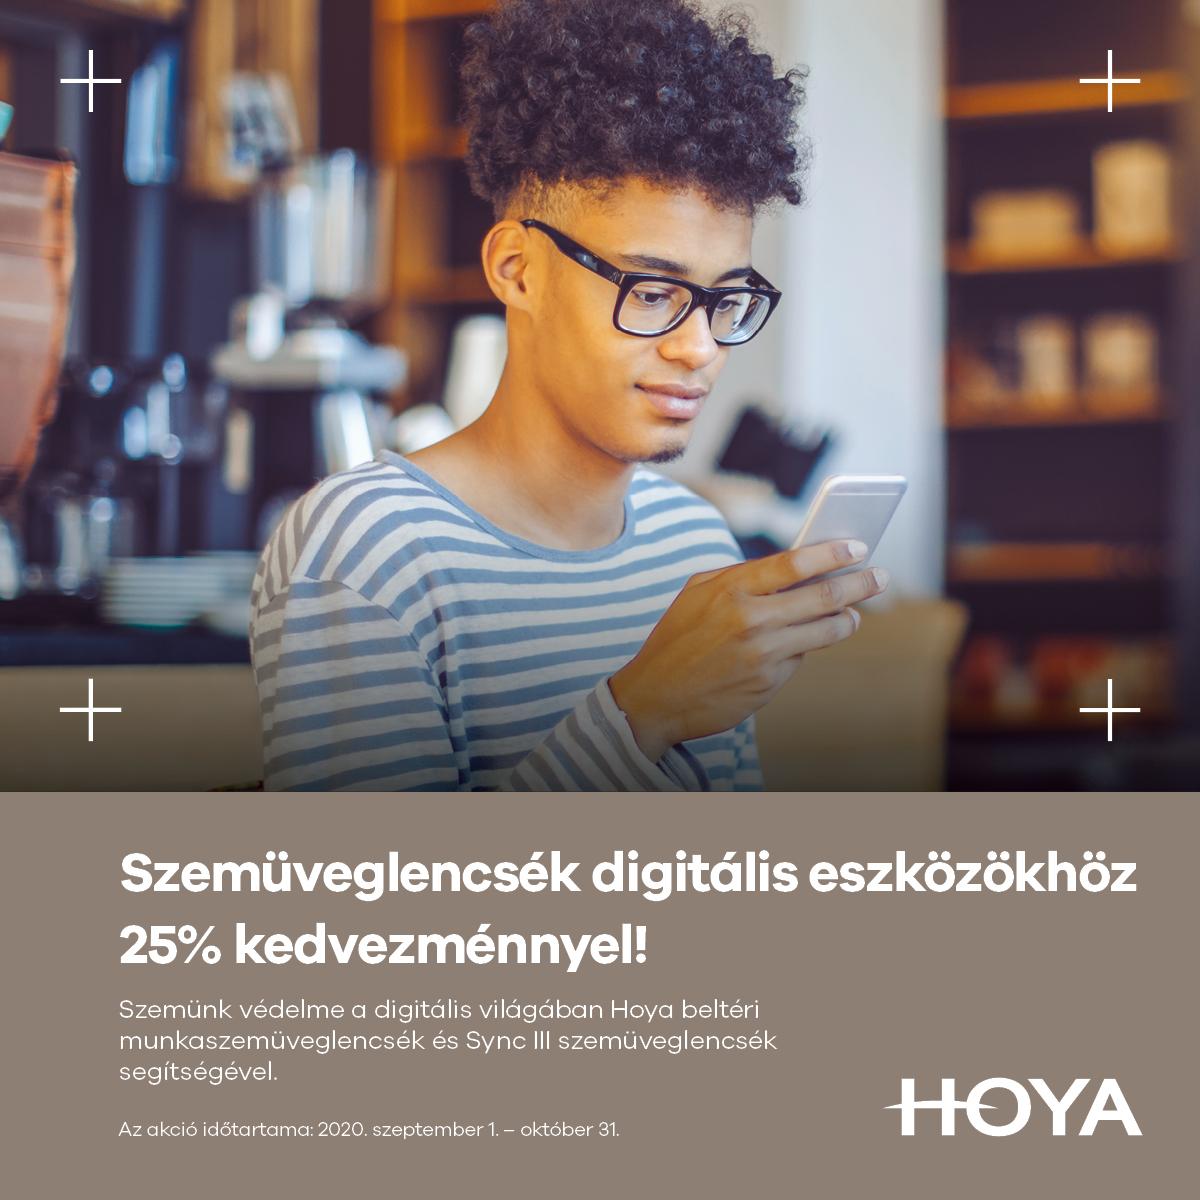 Szemüveglencsék digitális eszközökhöz 25% kedvezménnyel !